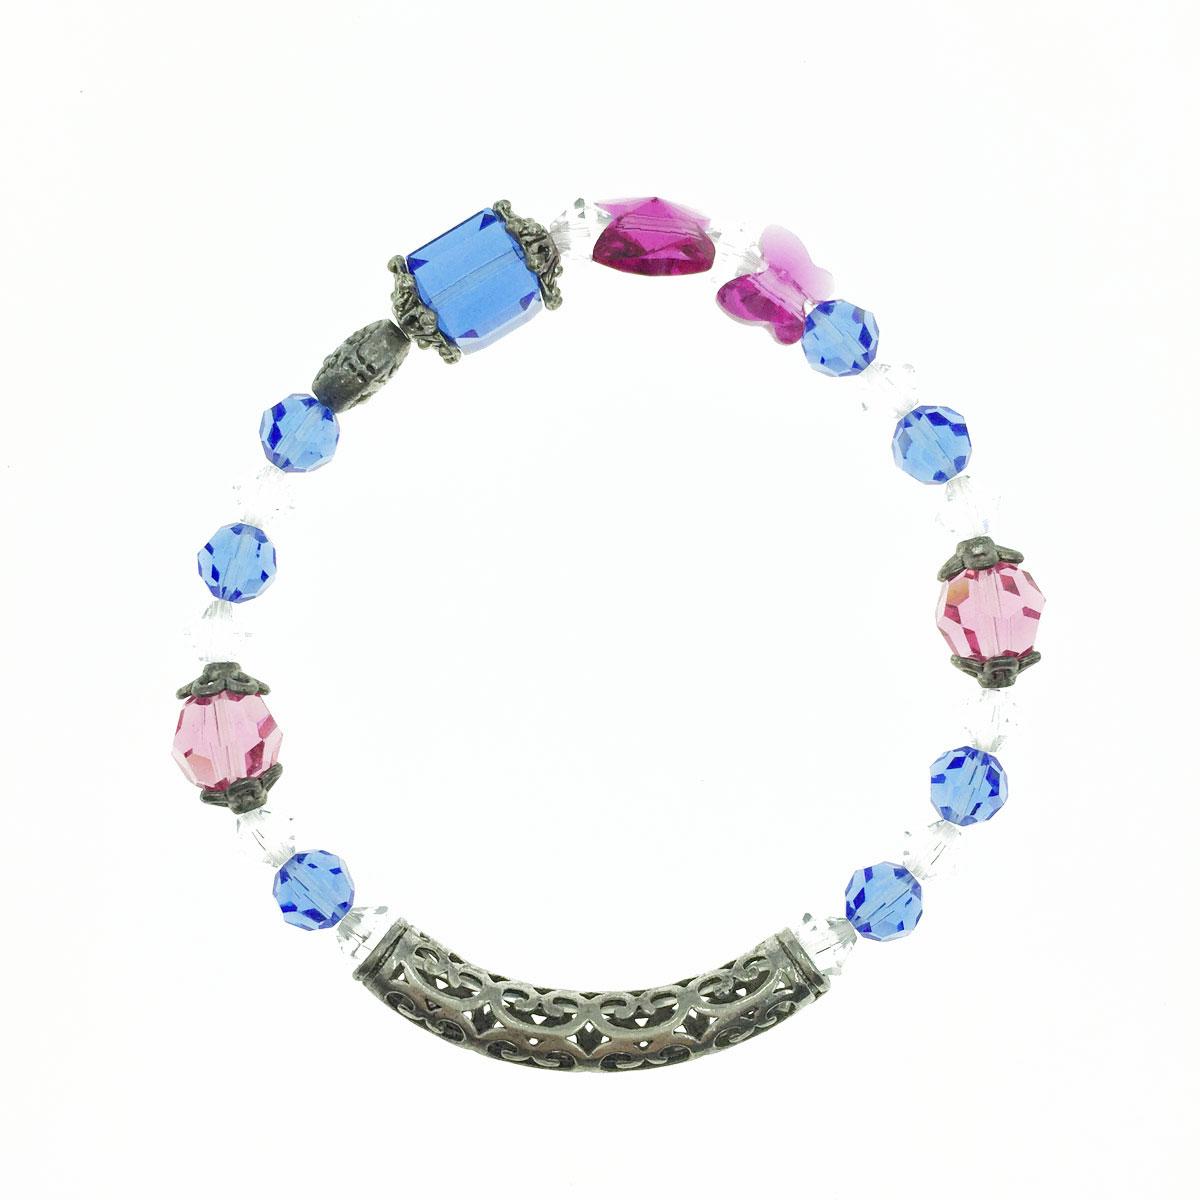 金屬簍空弧環 蝴蝶 方塊 水晶 配色 彈性線 手鍊 採用施華洛世奇水晶元素 Crystals from Swarovski